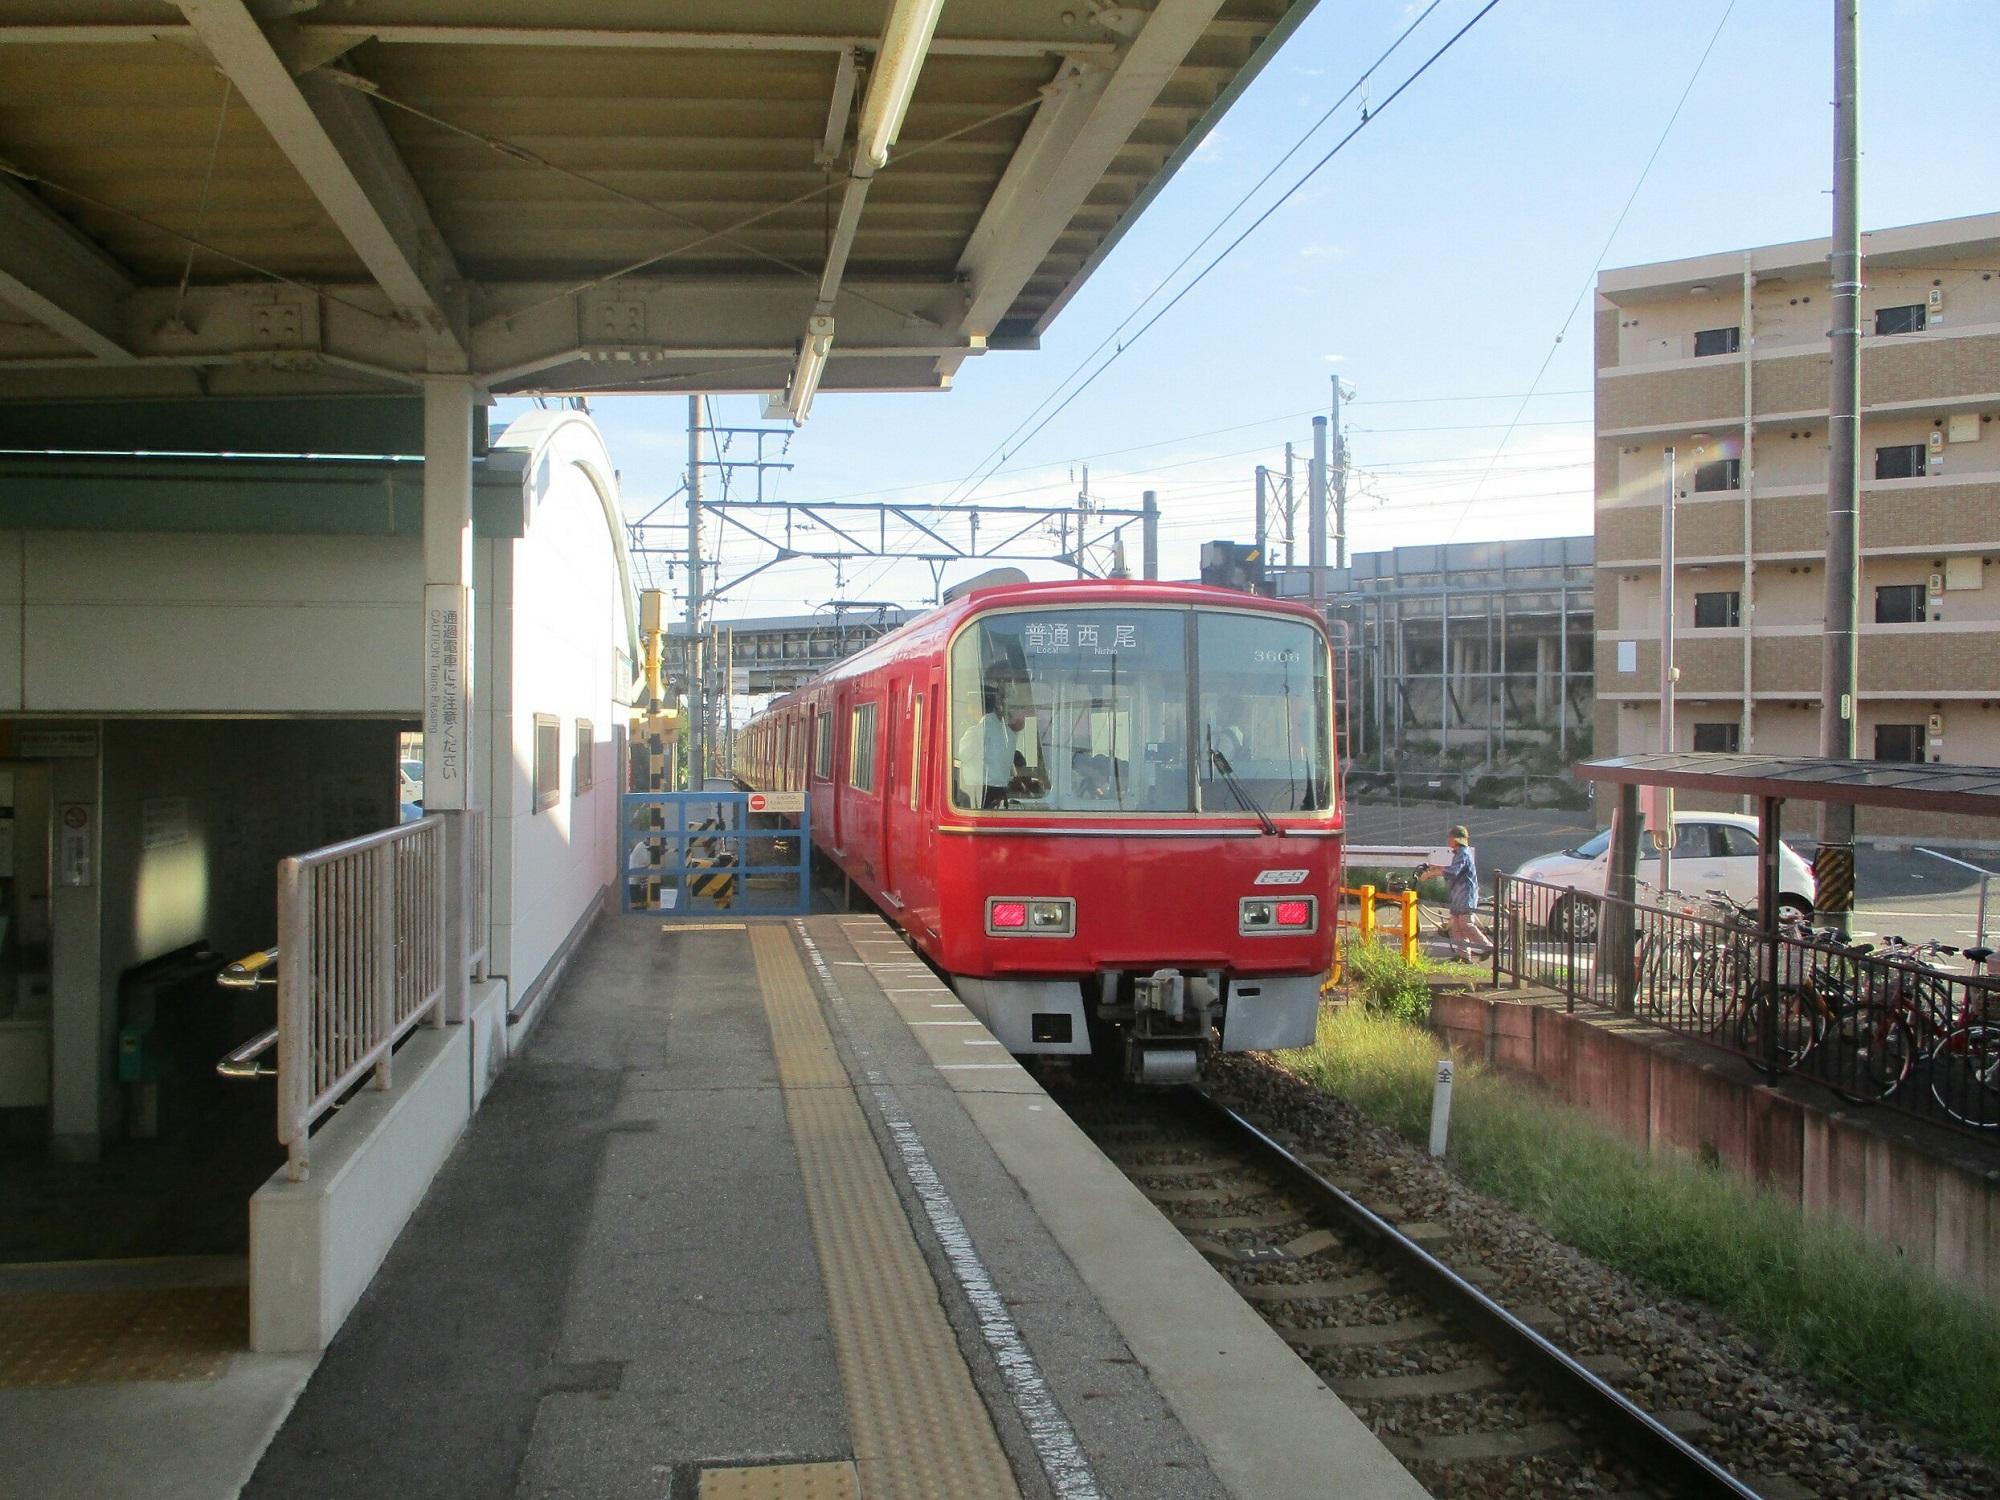 2018.8.17 (97) 古井 - 西尾いきふつう 2000-1500